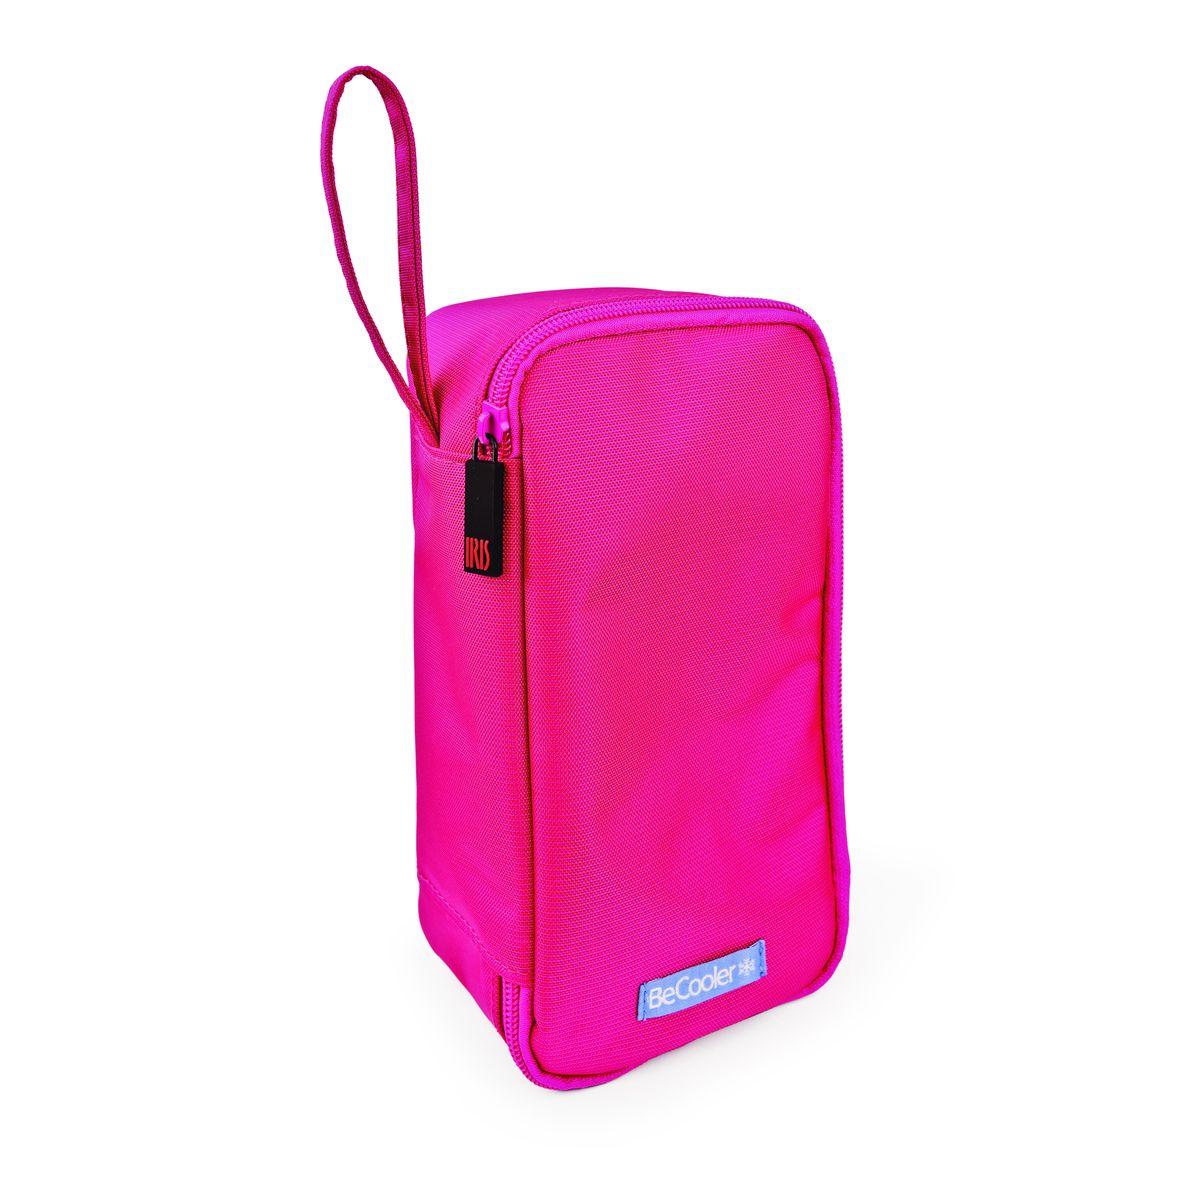 Термосумка для ланч-бокса Iris Nano Cooler. MyLunchbag, цвет: розовый, 21 x 11 x 7 см термоланчбокс iris barcelona nano cooler цвет оранжевый